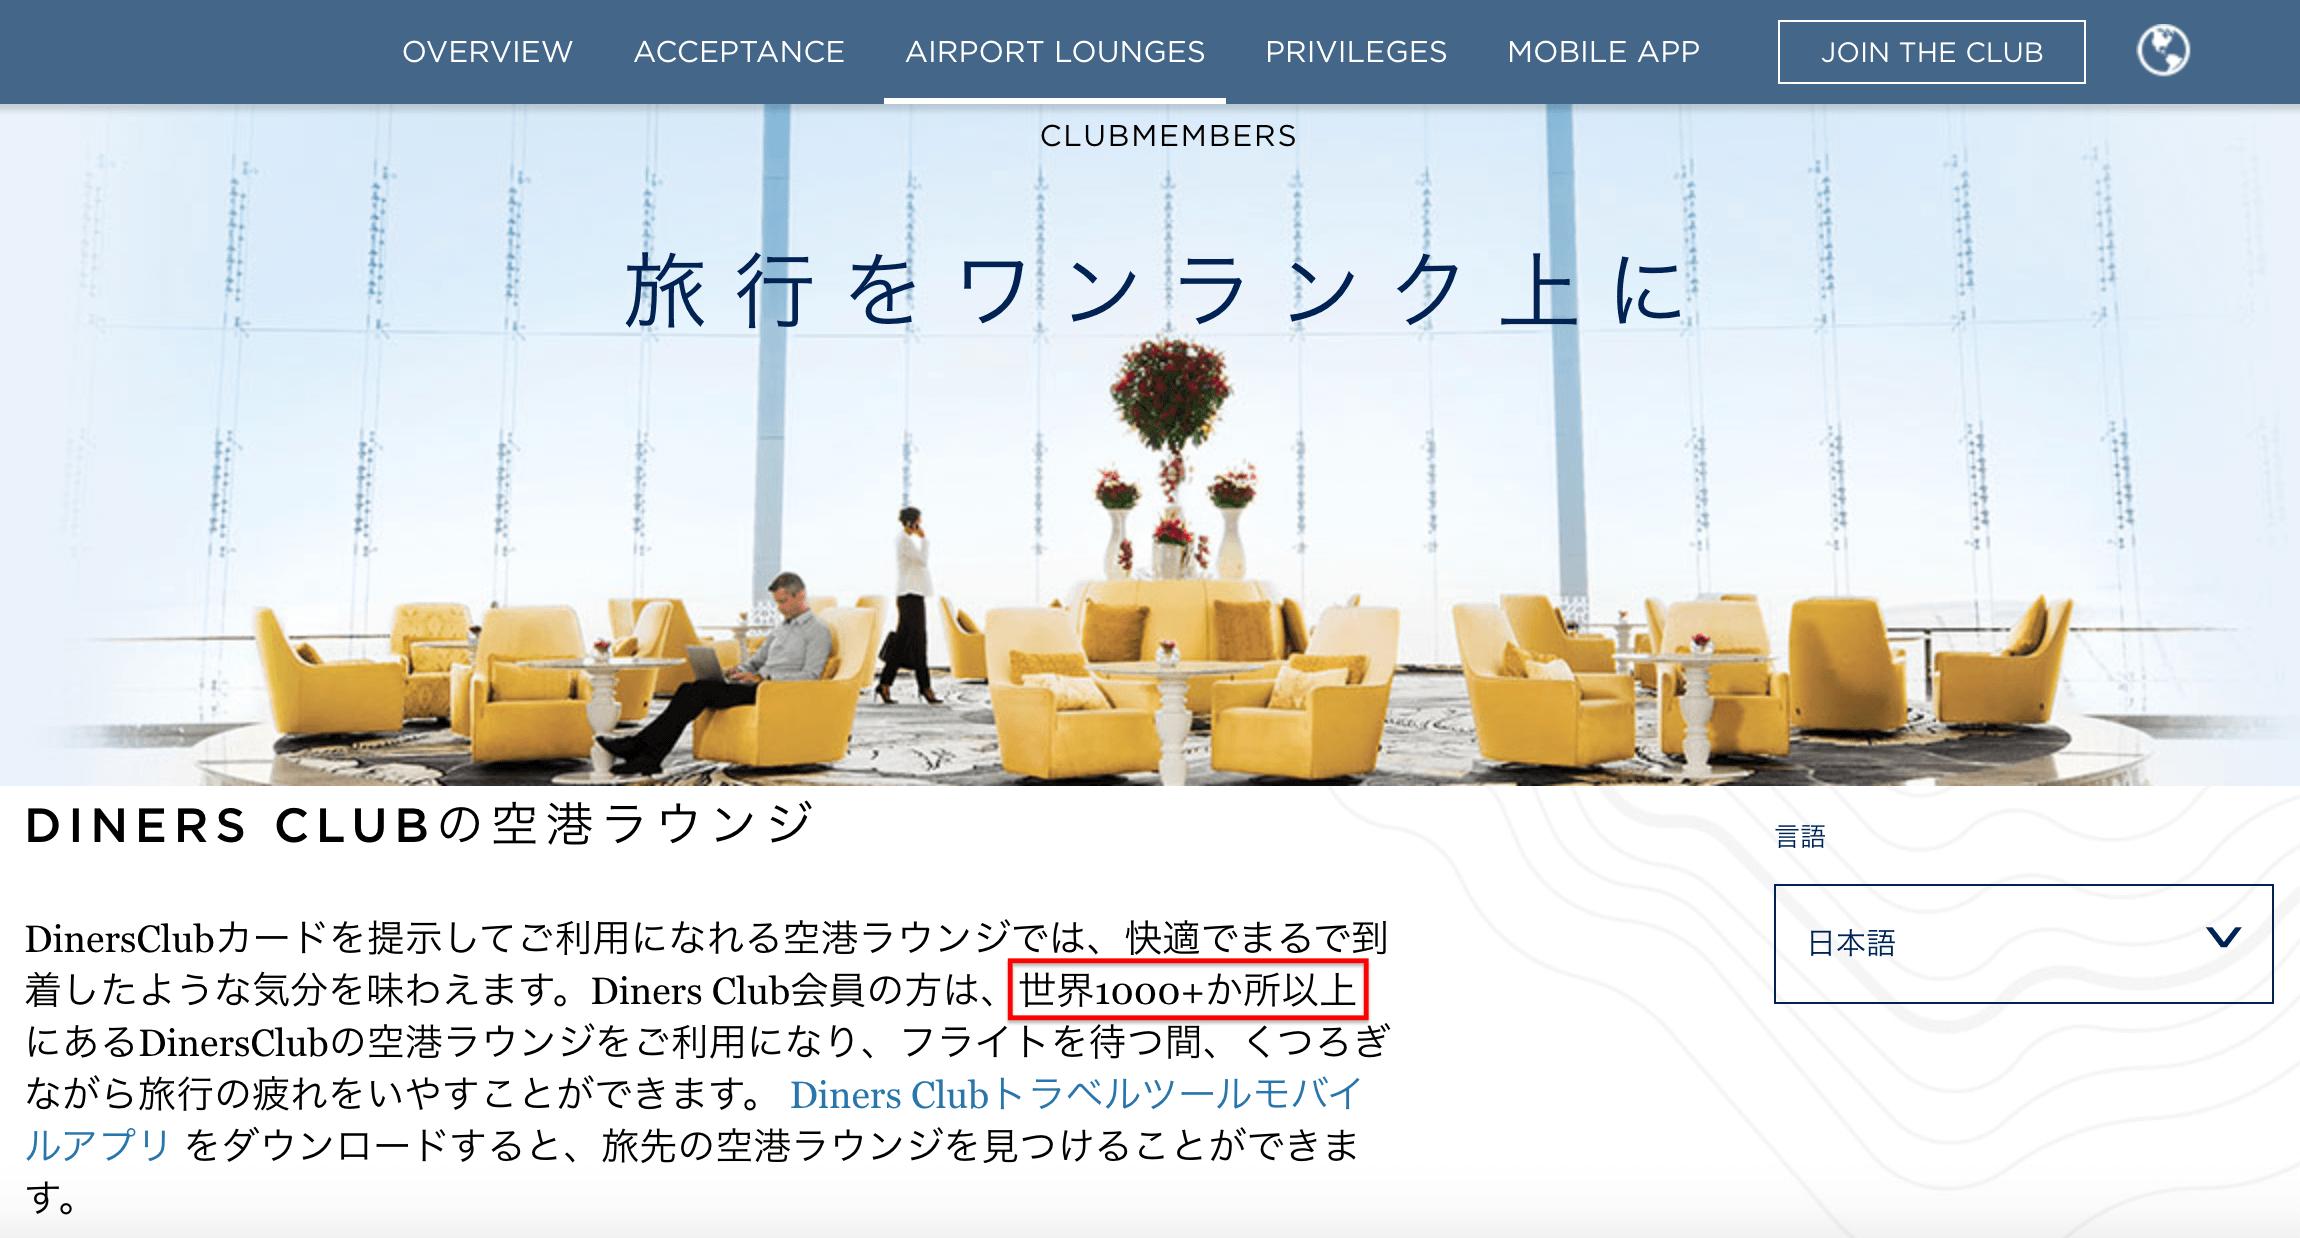 ダイナースクラブカードで利用できる空港ラウンジは世界1,000か所以上